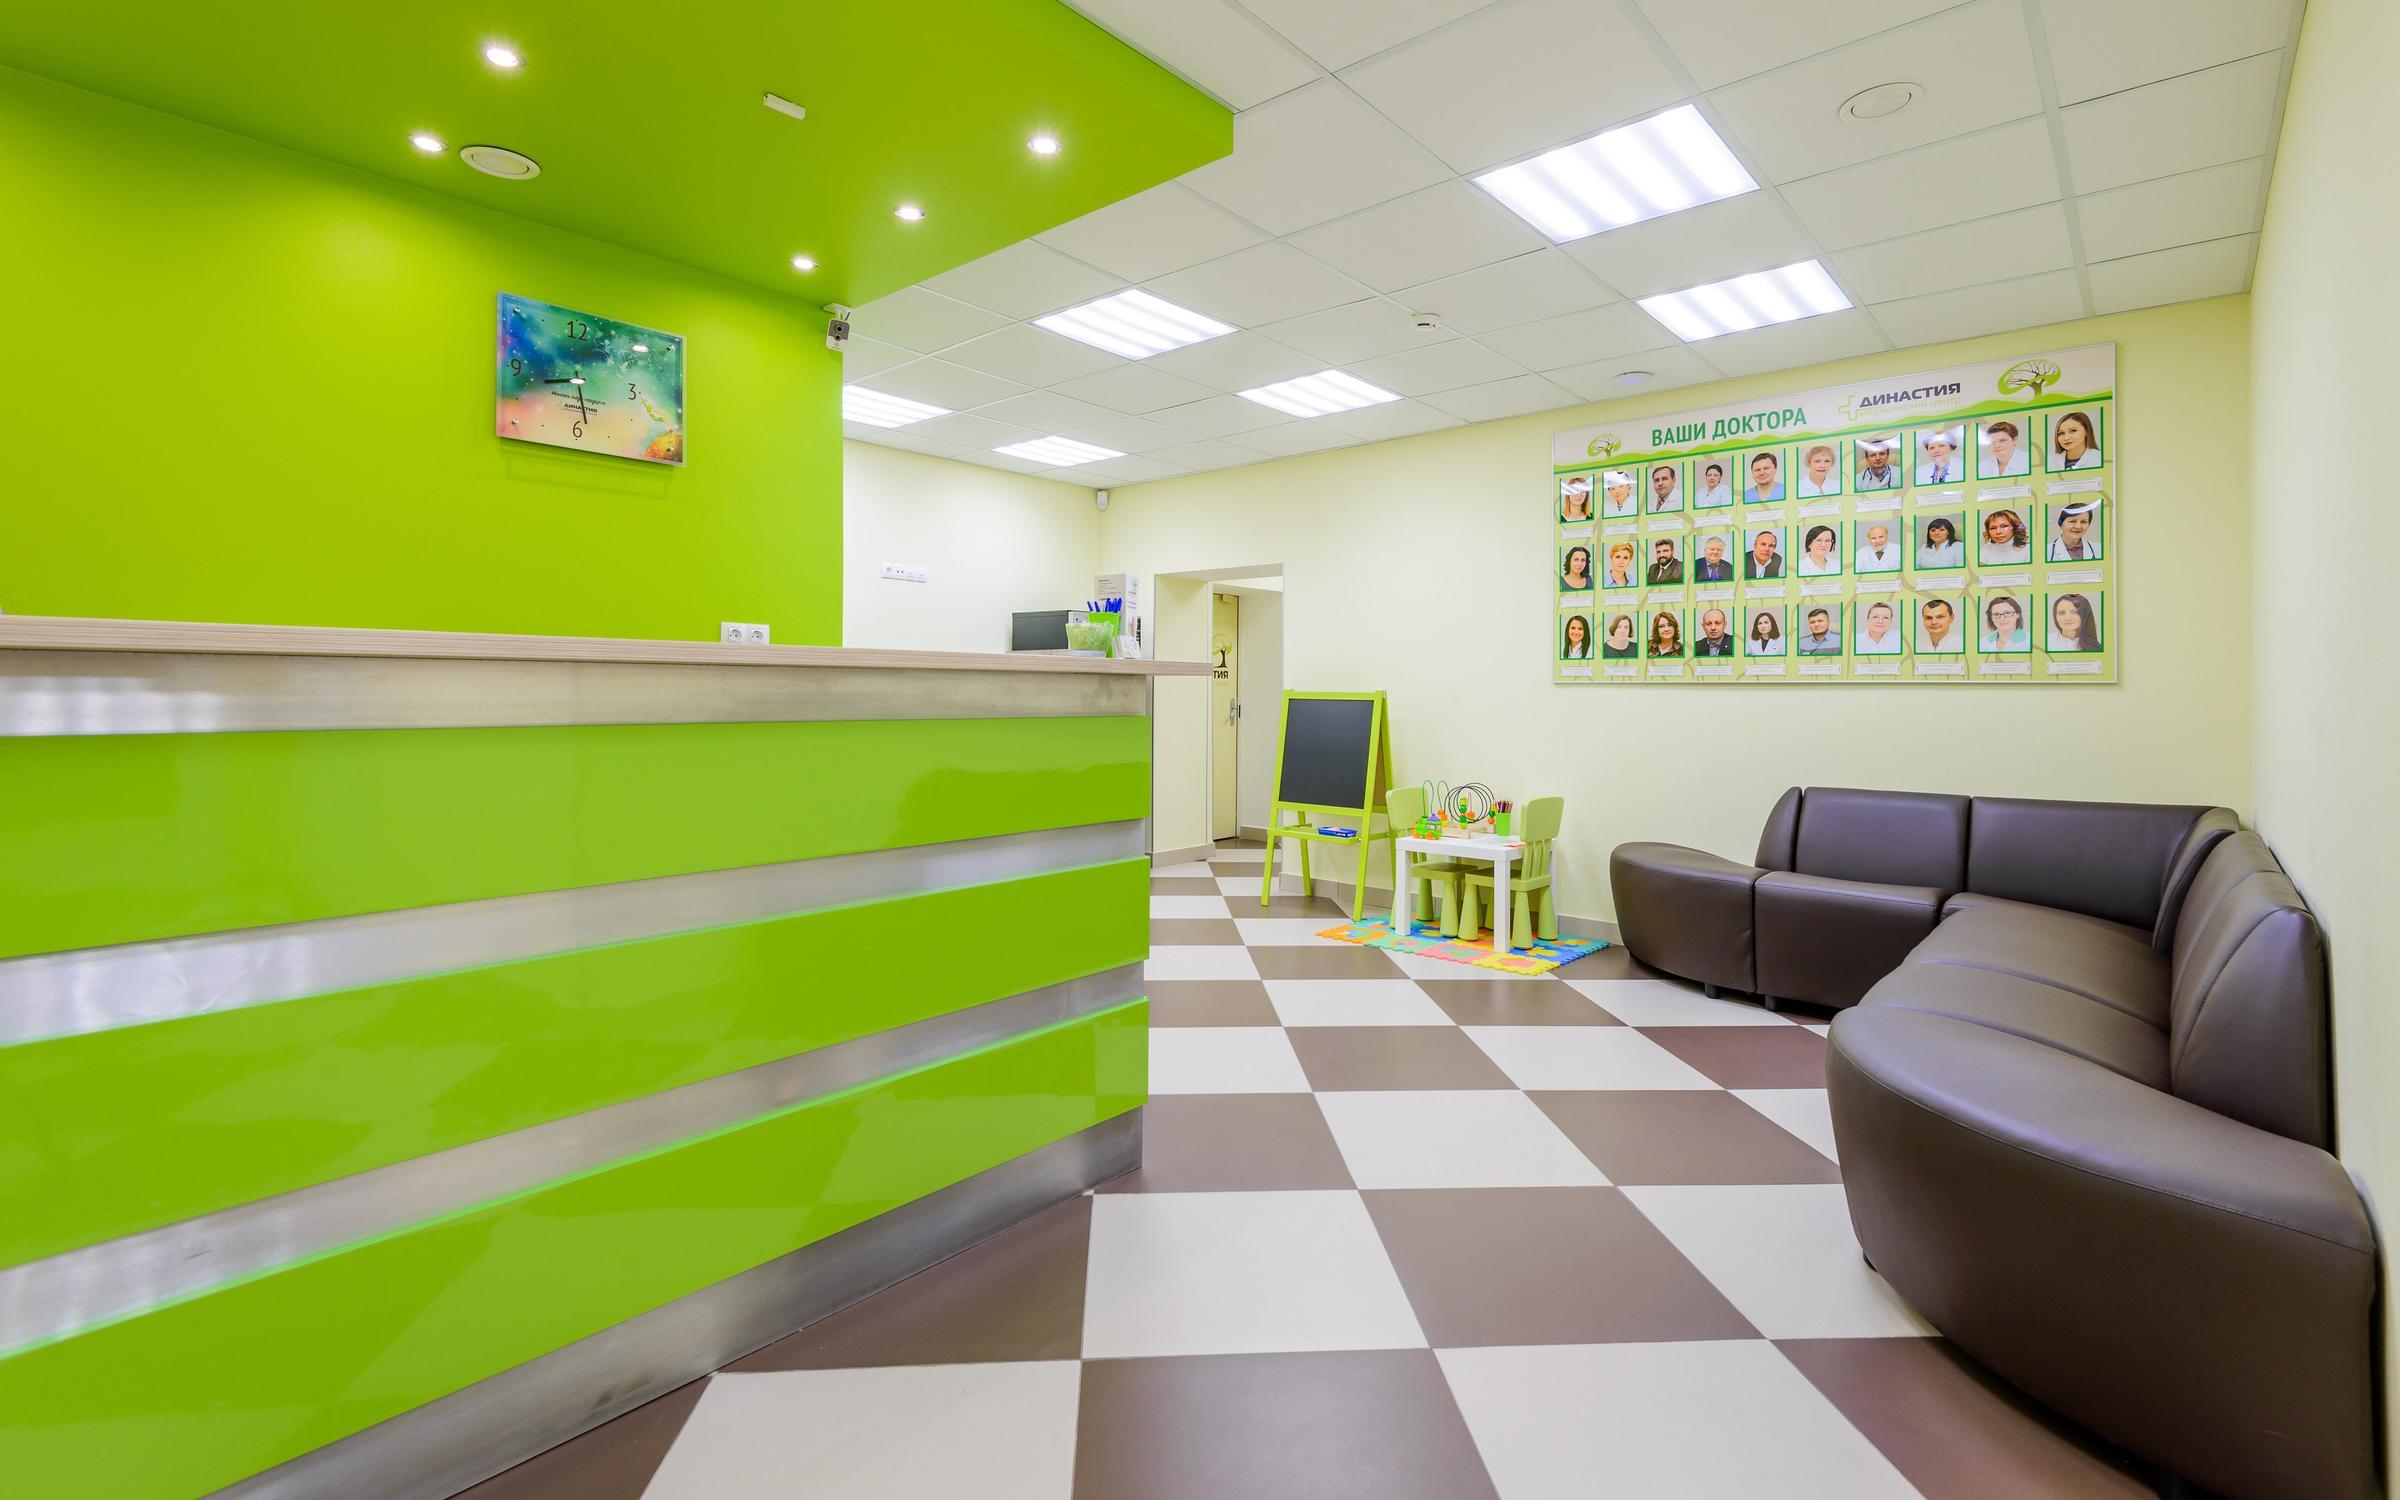 фотография Медицинского центра Династия во Всеволожске